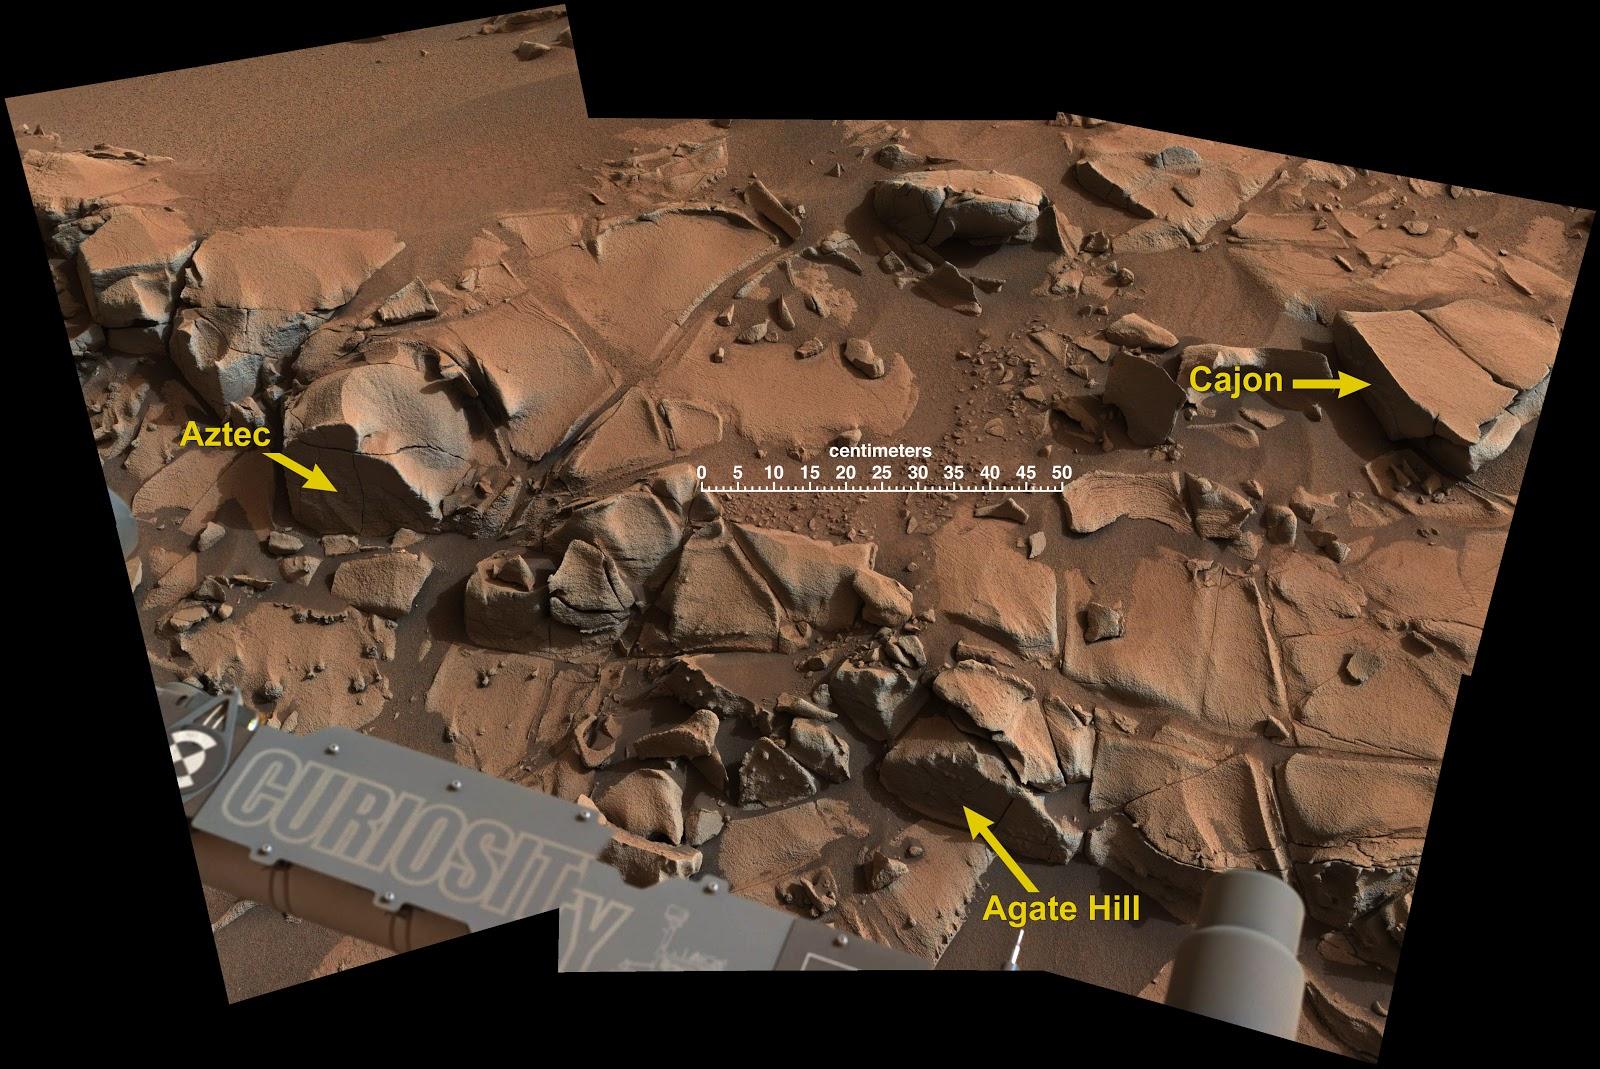 На Марсе обнаружена геологическая особенность Ацтек